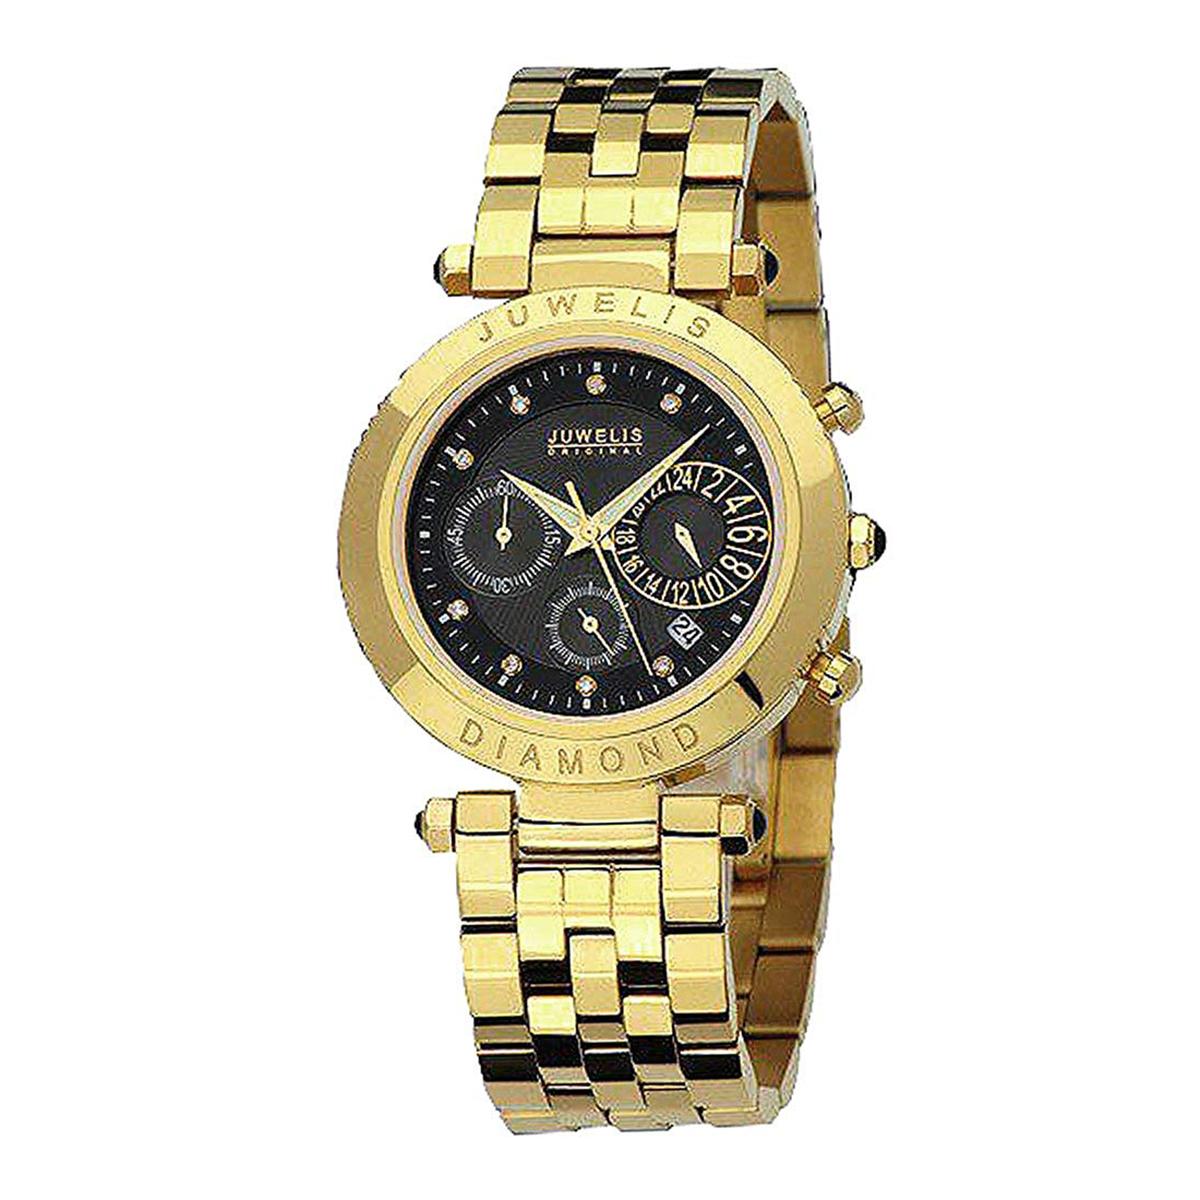 【残り1点】JUWELIS ジュエルス クォーツ 腕時計 メンズ [JW0601GSBRC] 並行輸入品 メーカー保証24ヵ月 収納ケース付き